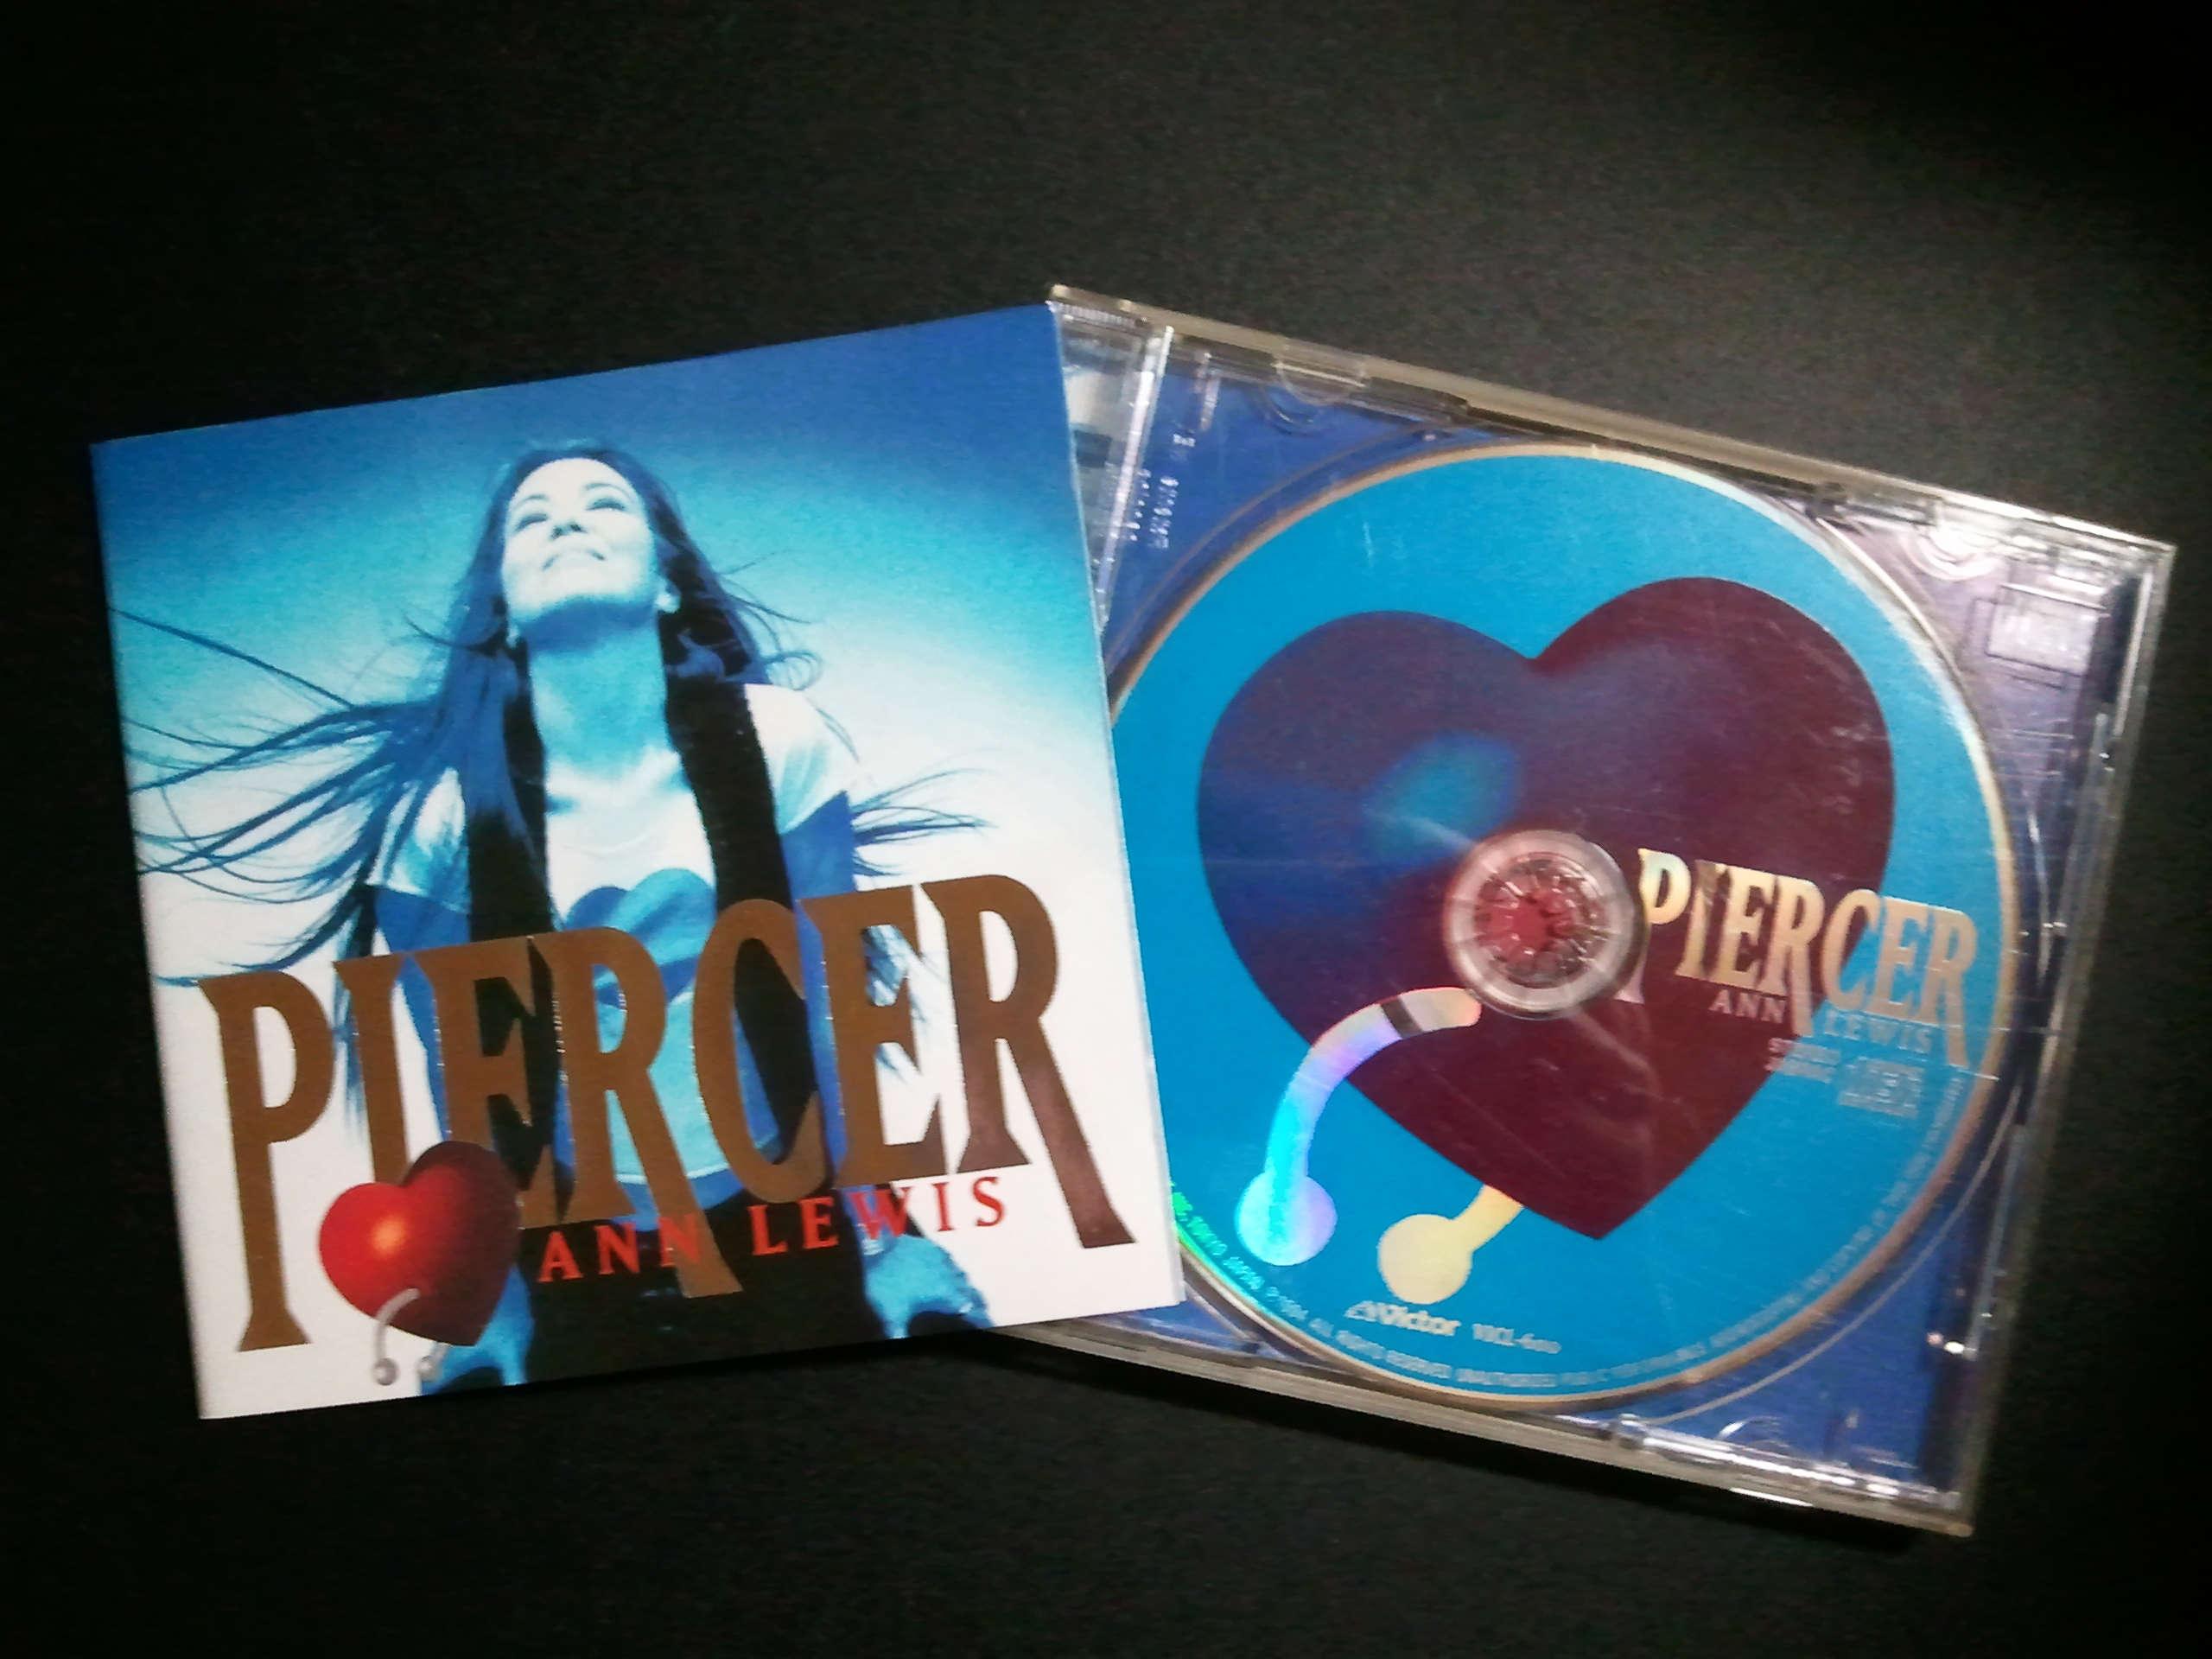 PIERCER